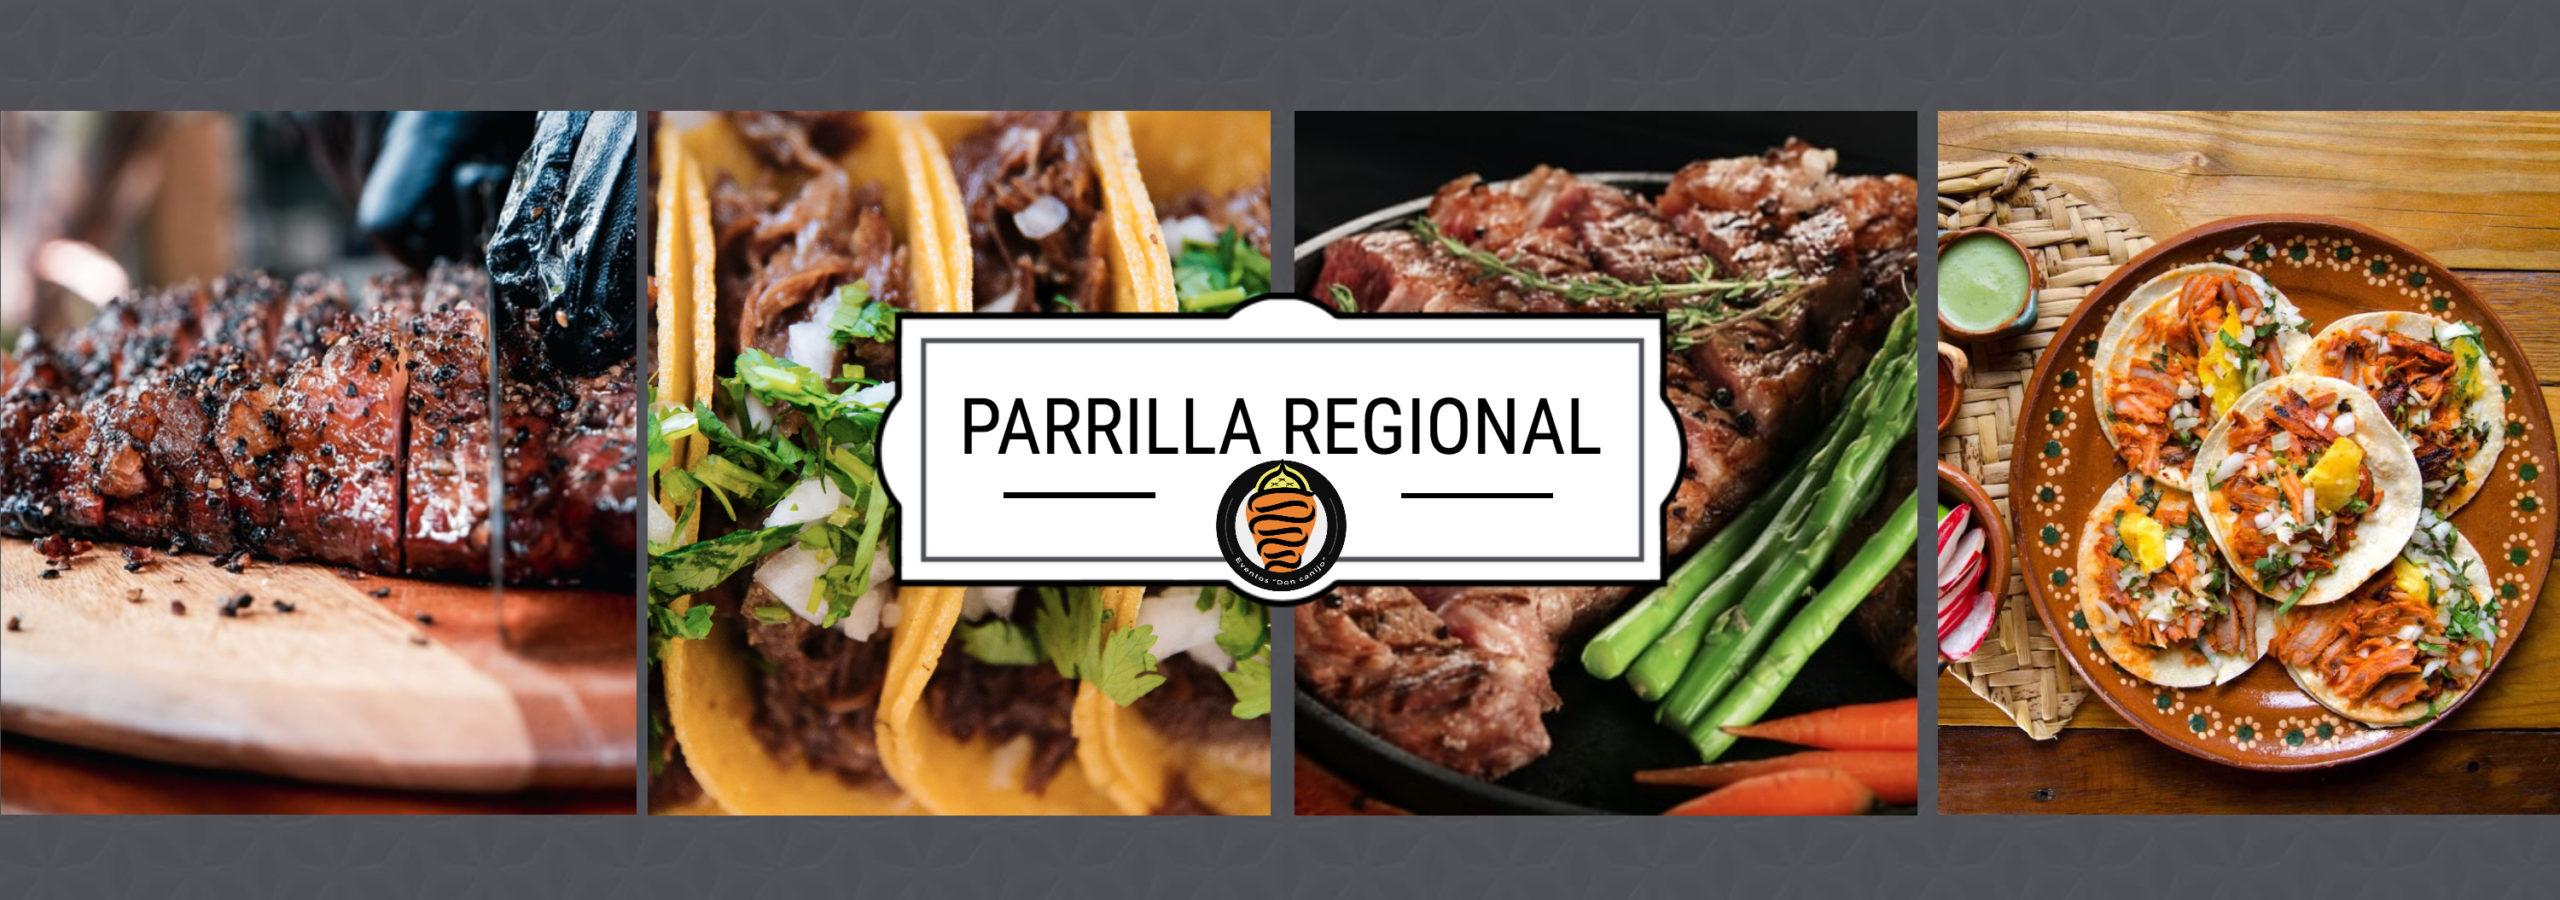 Parrilla Regional